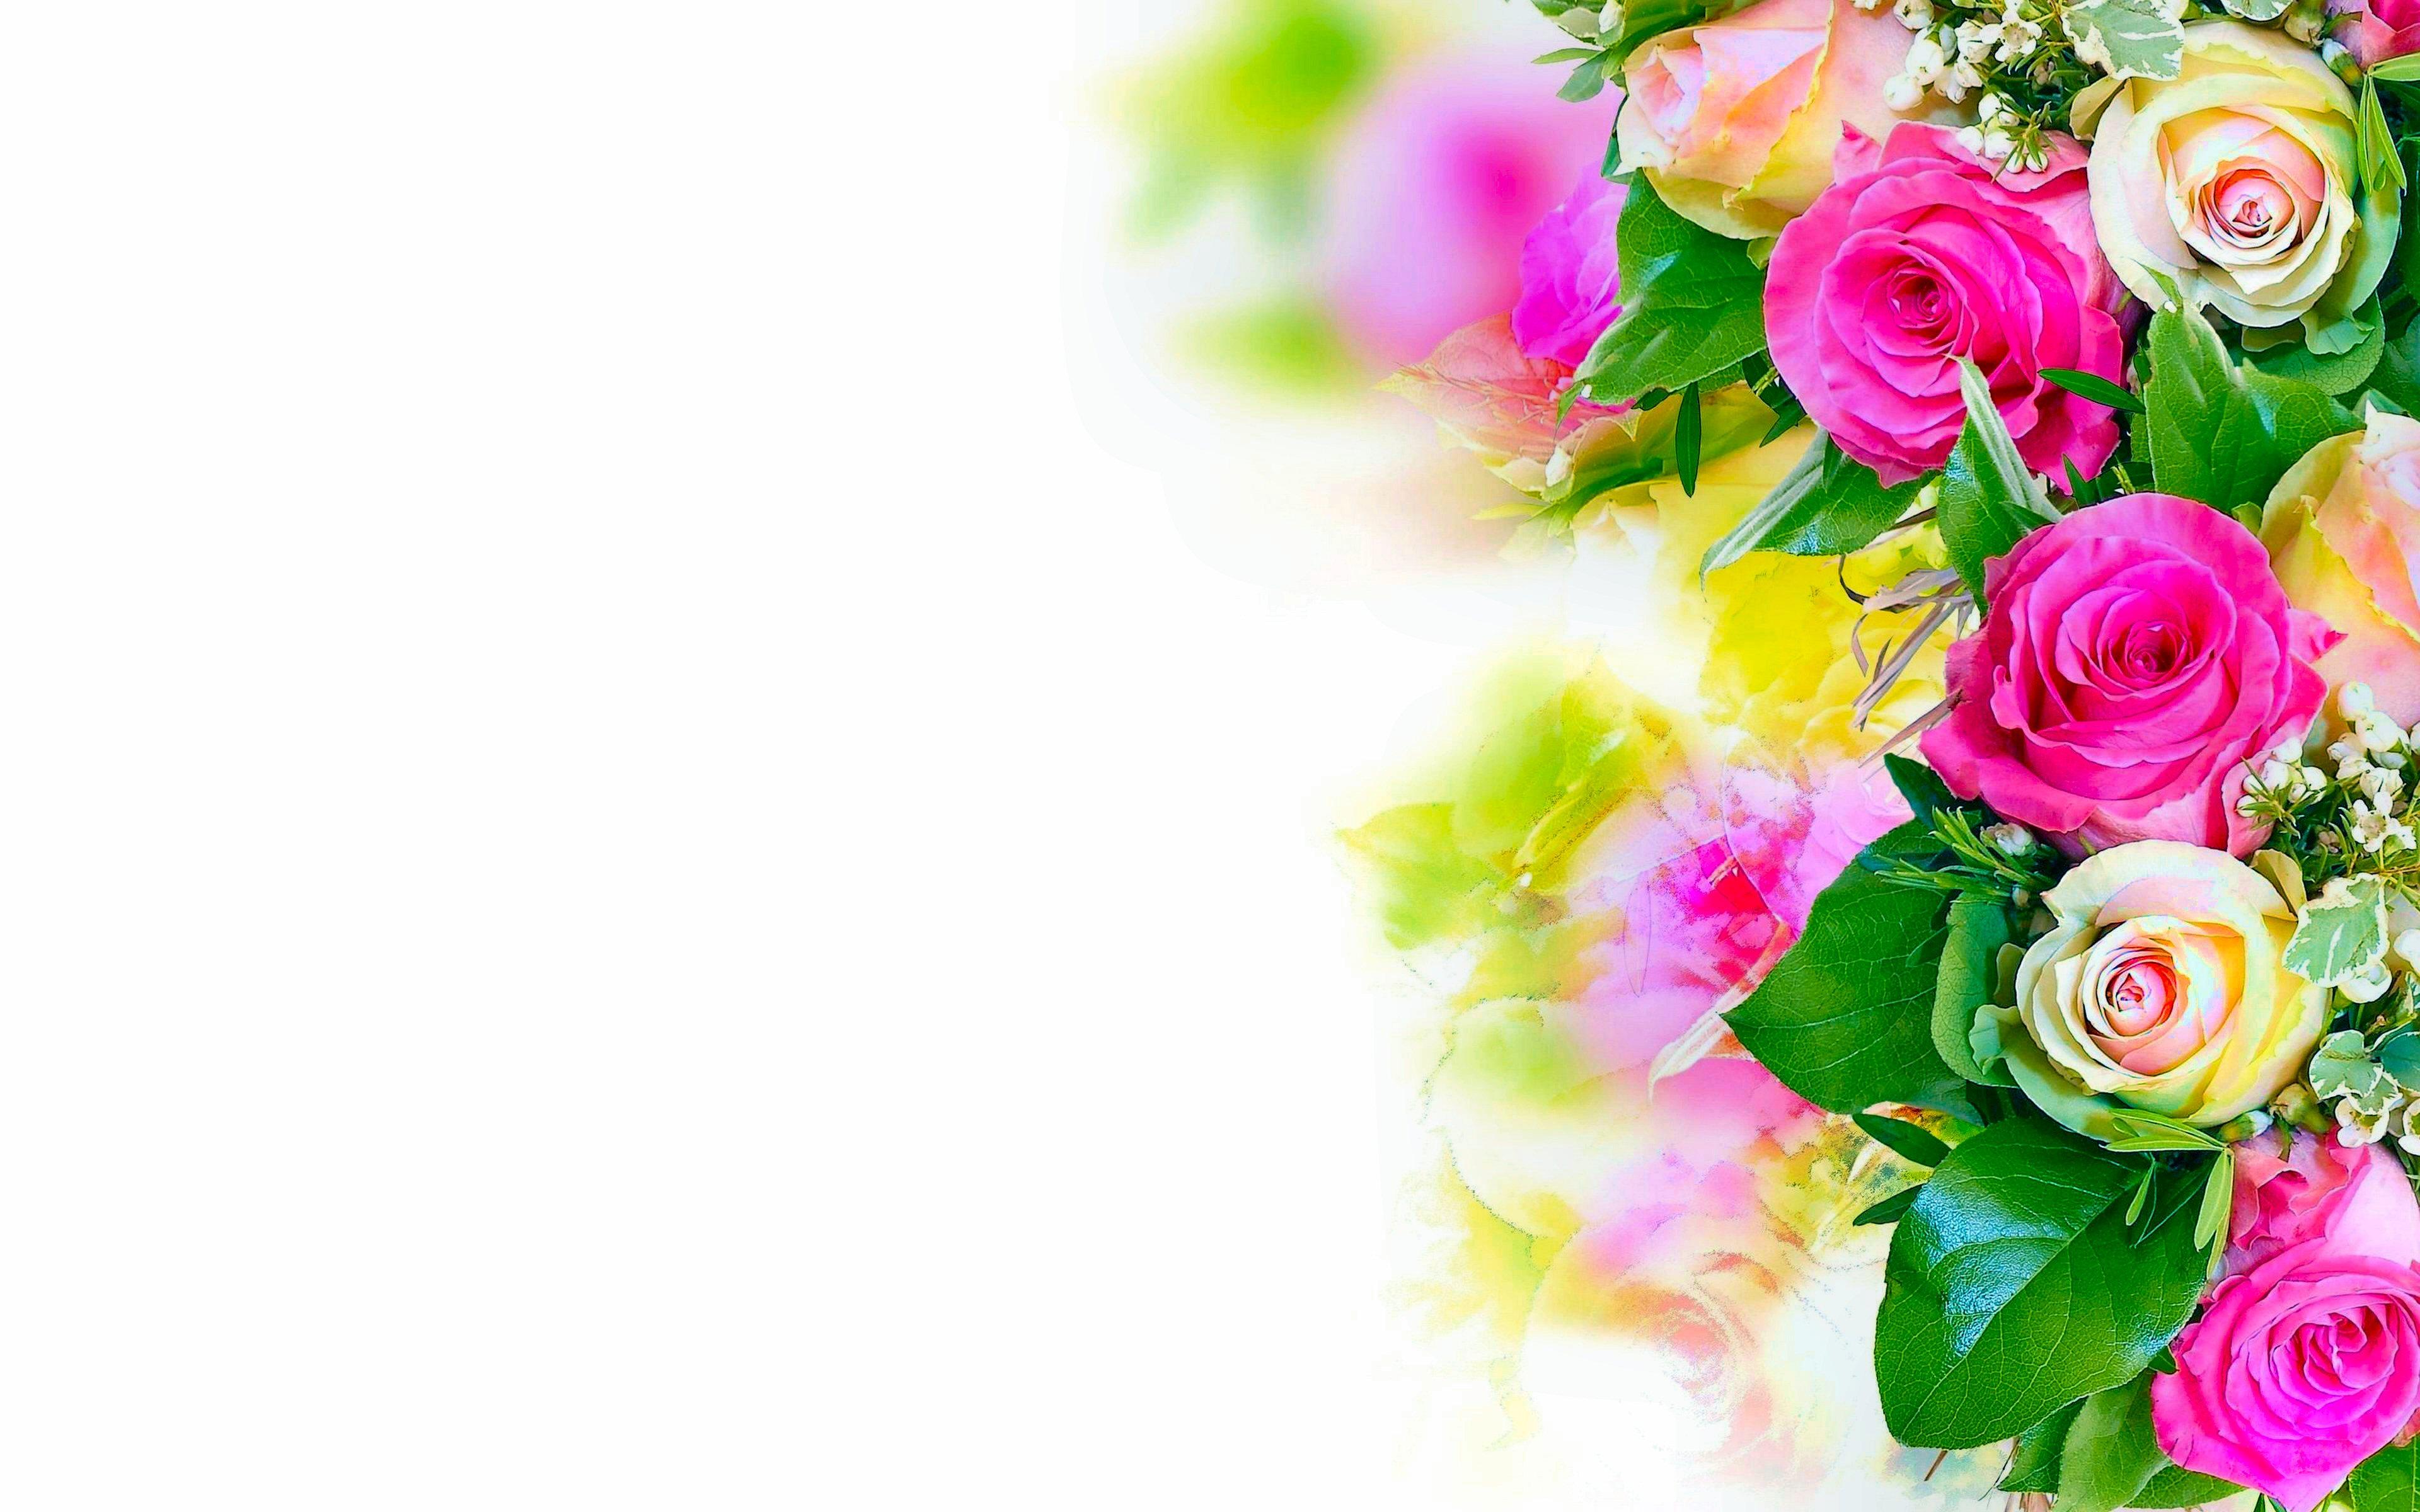 13071 fleurs fonds d'écran hd | arrière-plans - wallpaper abyss